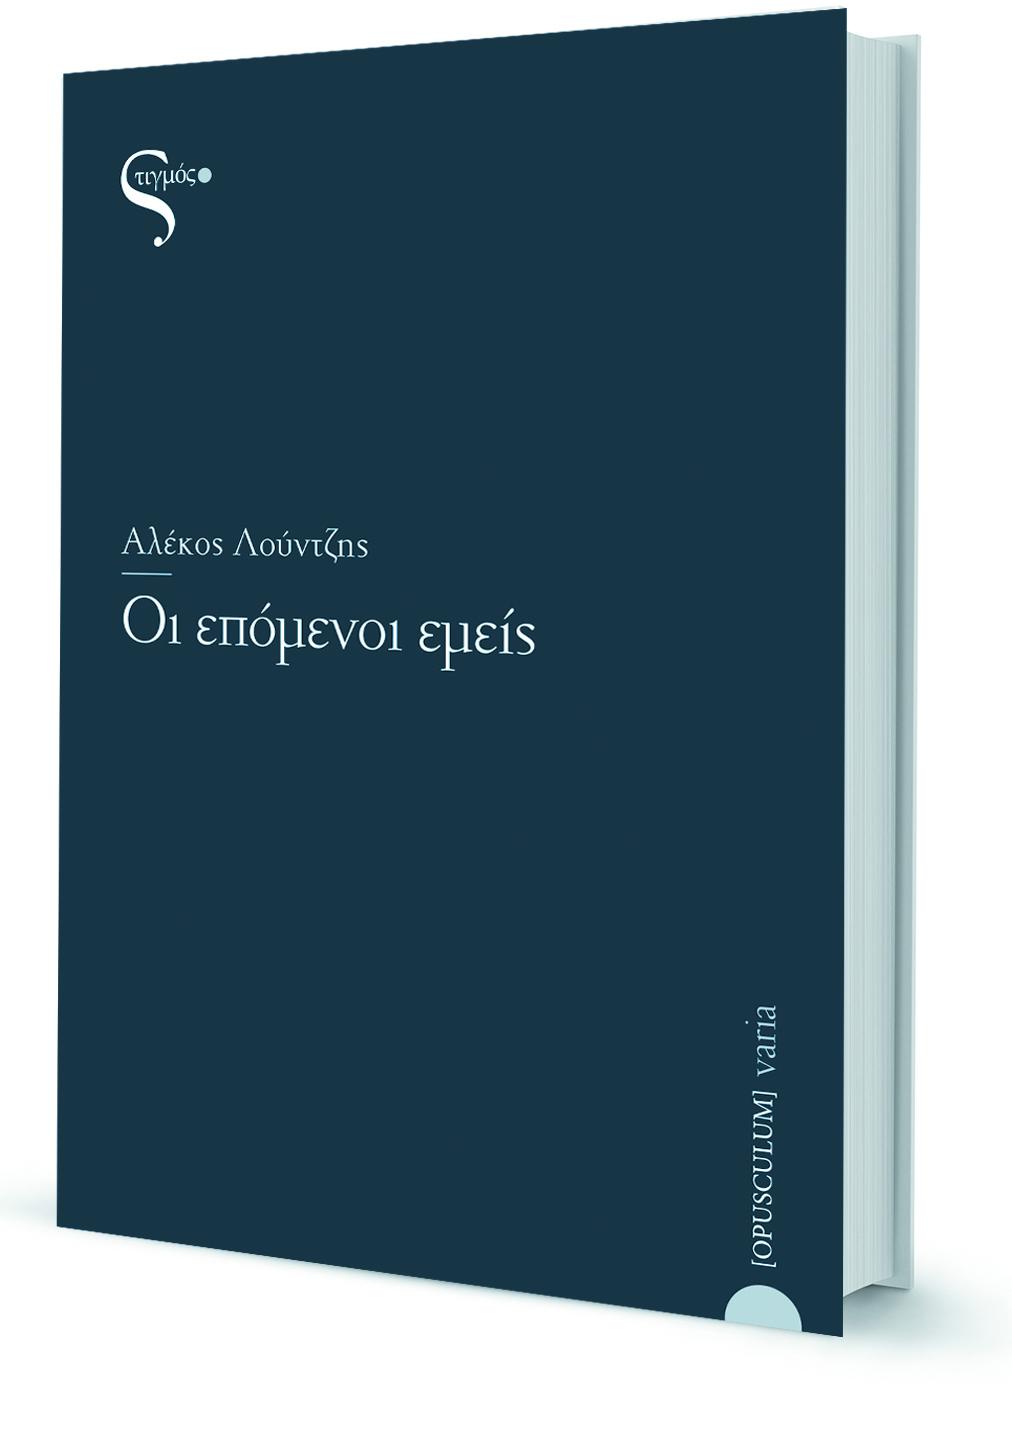 o-kataklysmos-tis-dikis-mas-vardias3